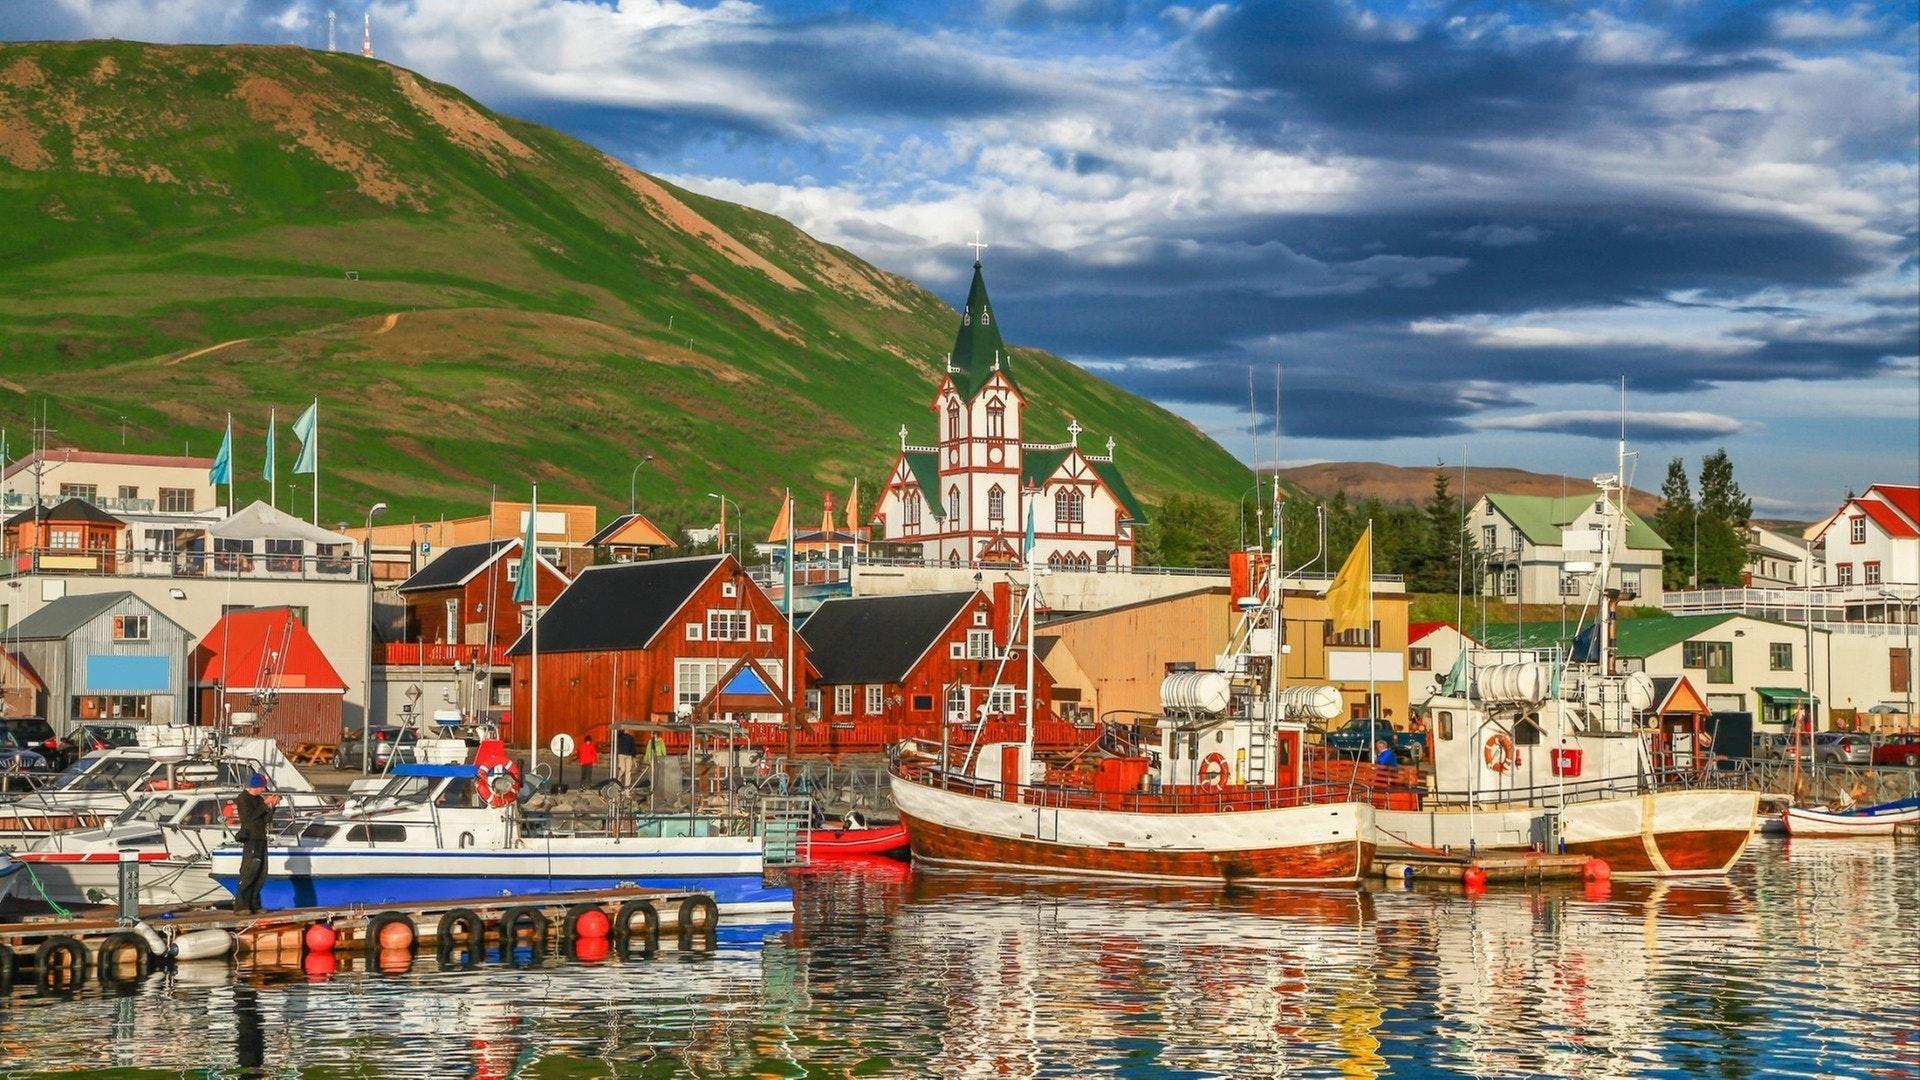 Belle vue sur la ville historique de Husavik avec des maisons colorées traditionnelles et des bateaux de pêche traditionnels